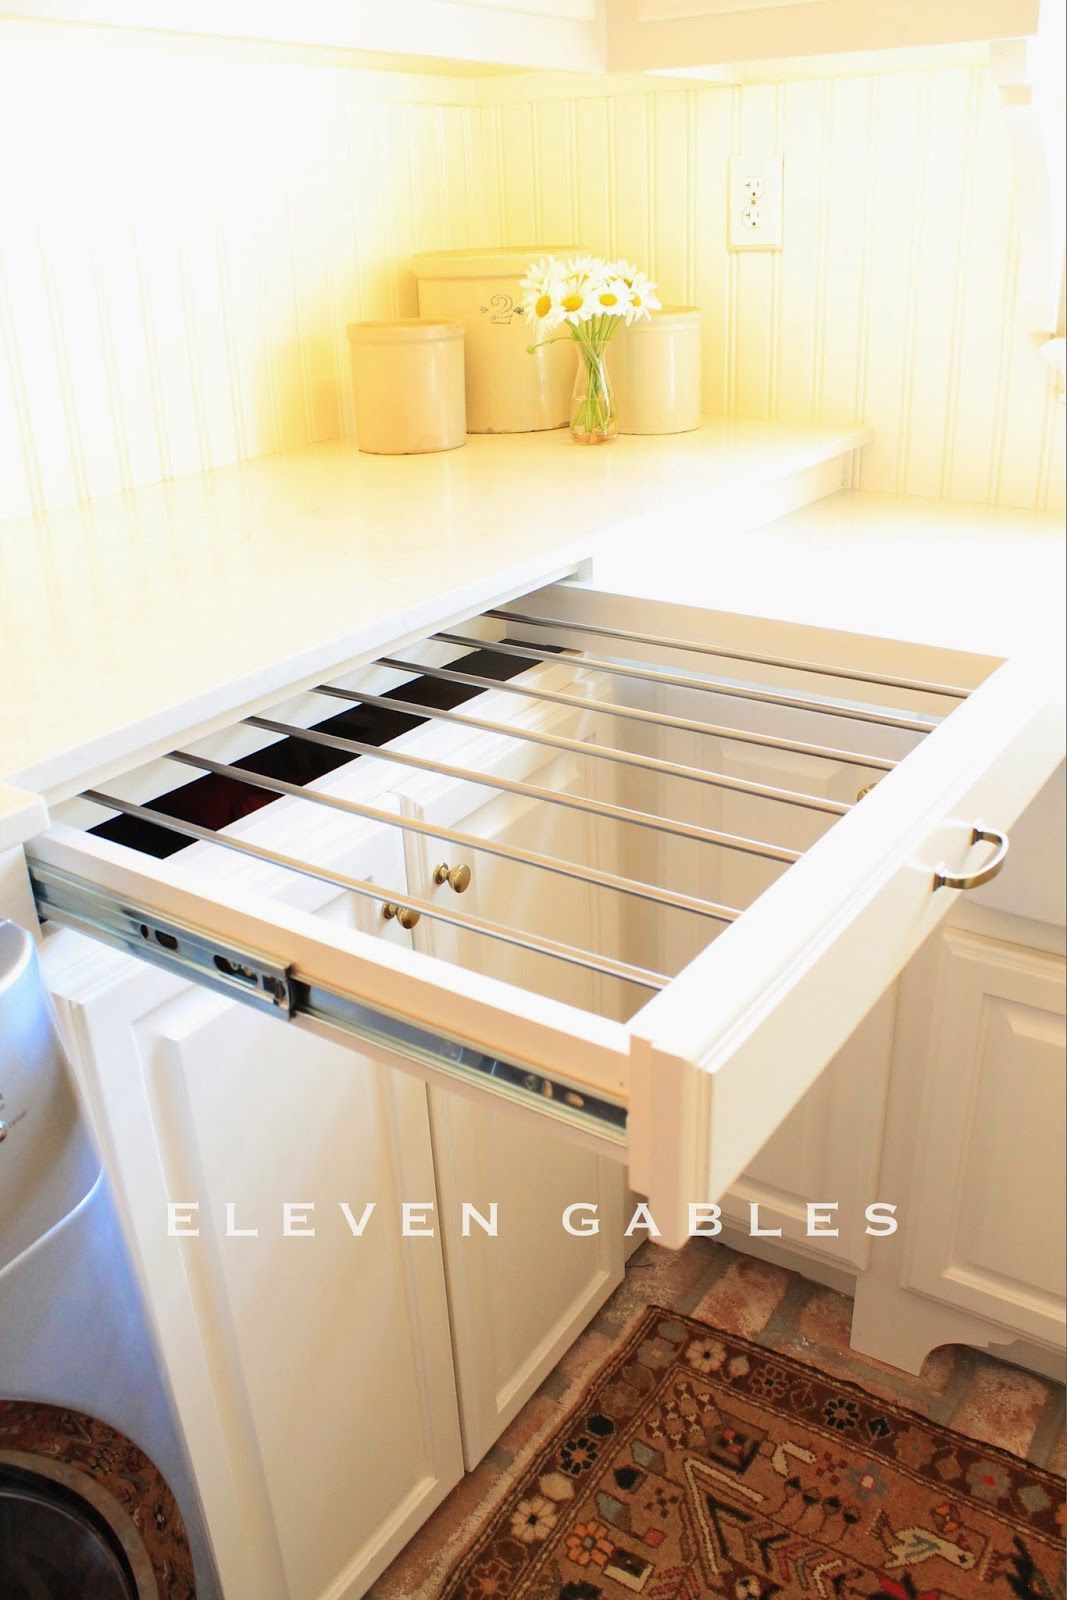 18 id es de rangements dissimul s que vous pouvez cr er pour votre maison ou jardin pinterest. Black Bedroom Furniture Sets. Home Design Ideas